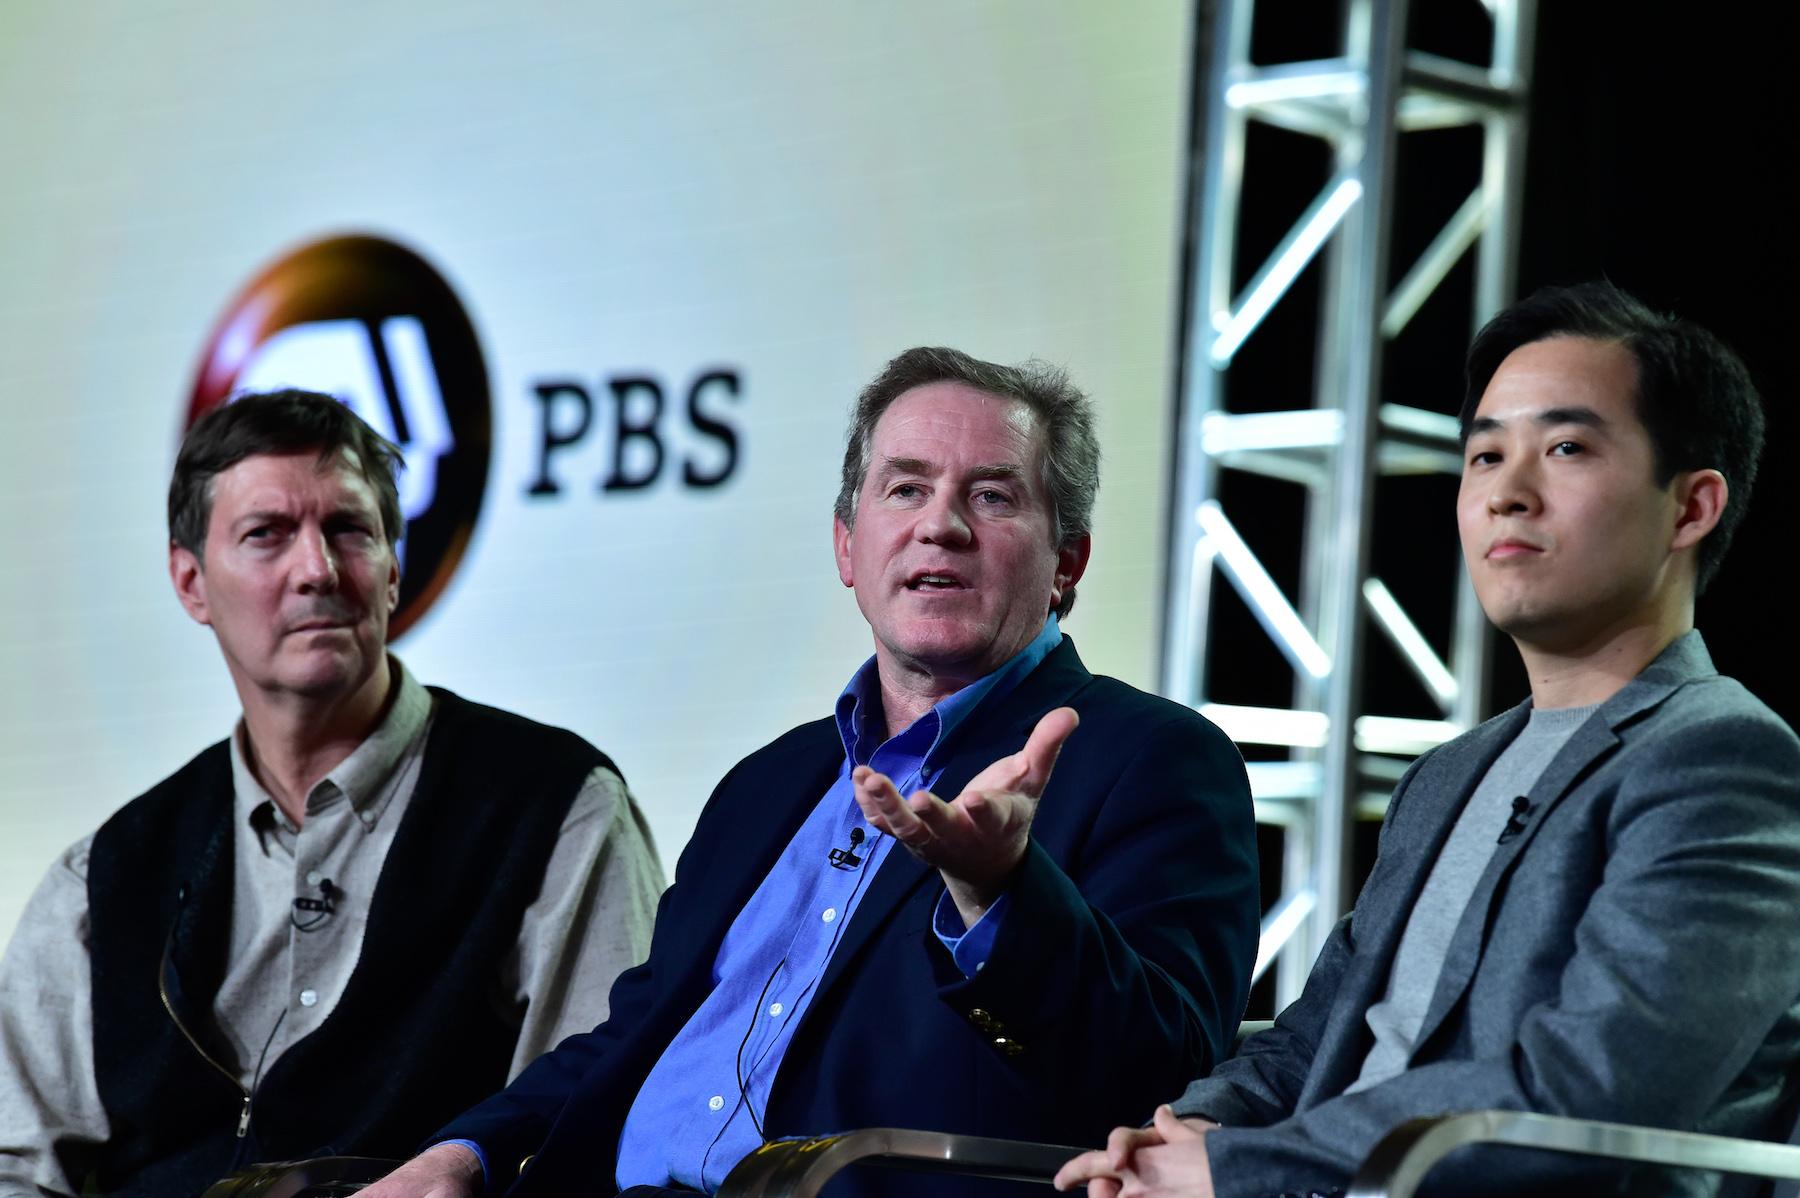 (l-r) John Bredar, Joel Sartore, Chun-Wei Yi. ©Rahoul Ghose/PBS